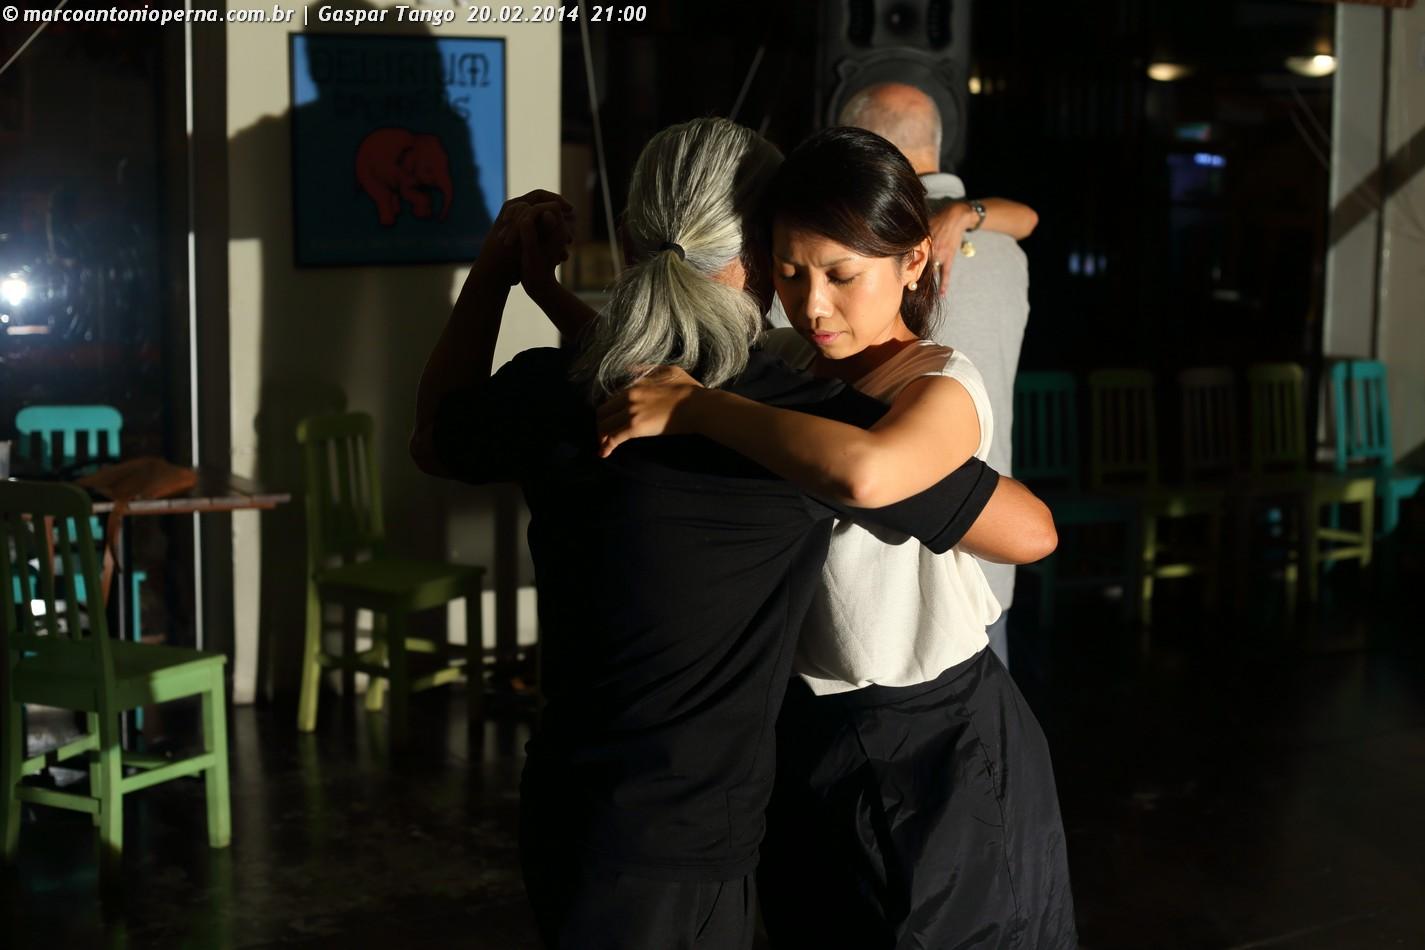 Baile de tango (Milonga) no bar Gaspar promovido por Javier Amaya e Patricia Amaya - Rio de Janeiro - RJ - 20.02.2014